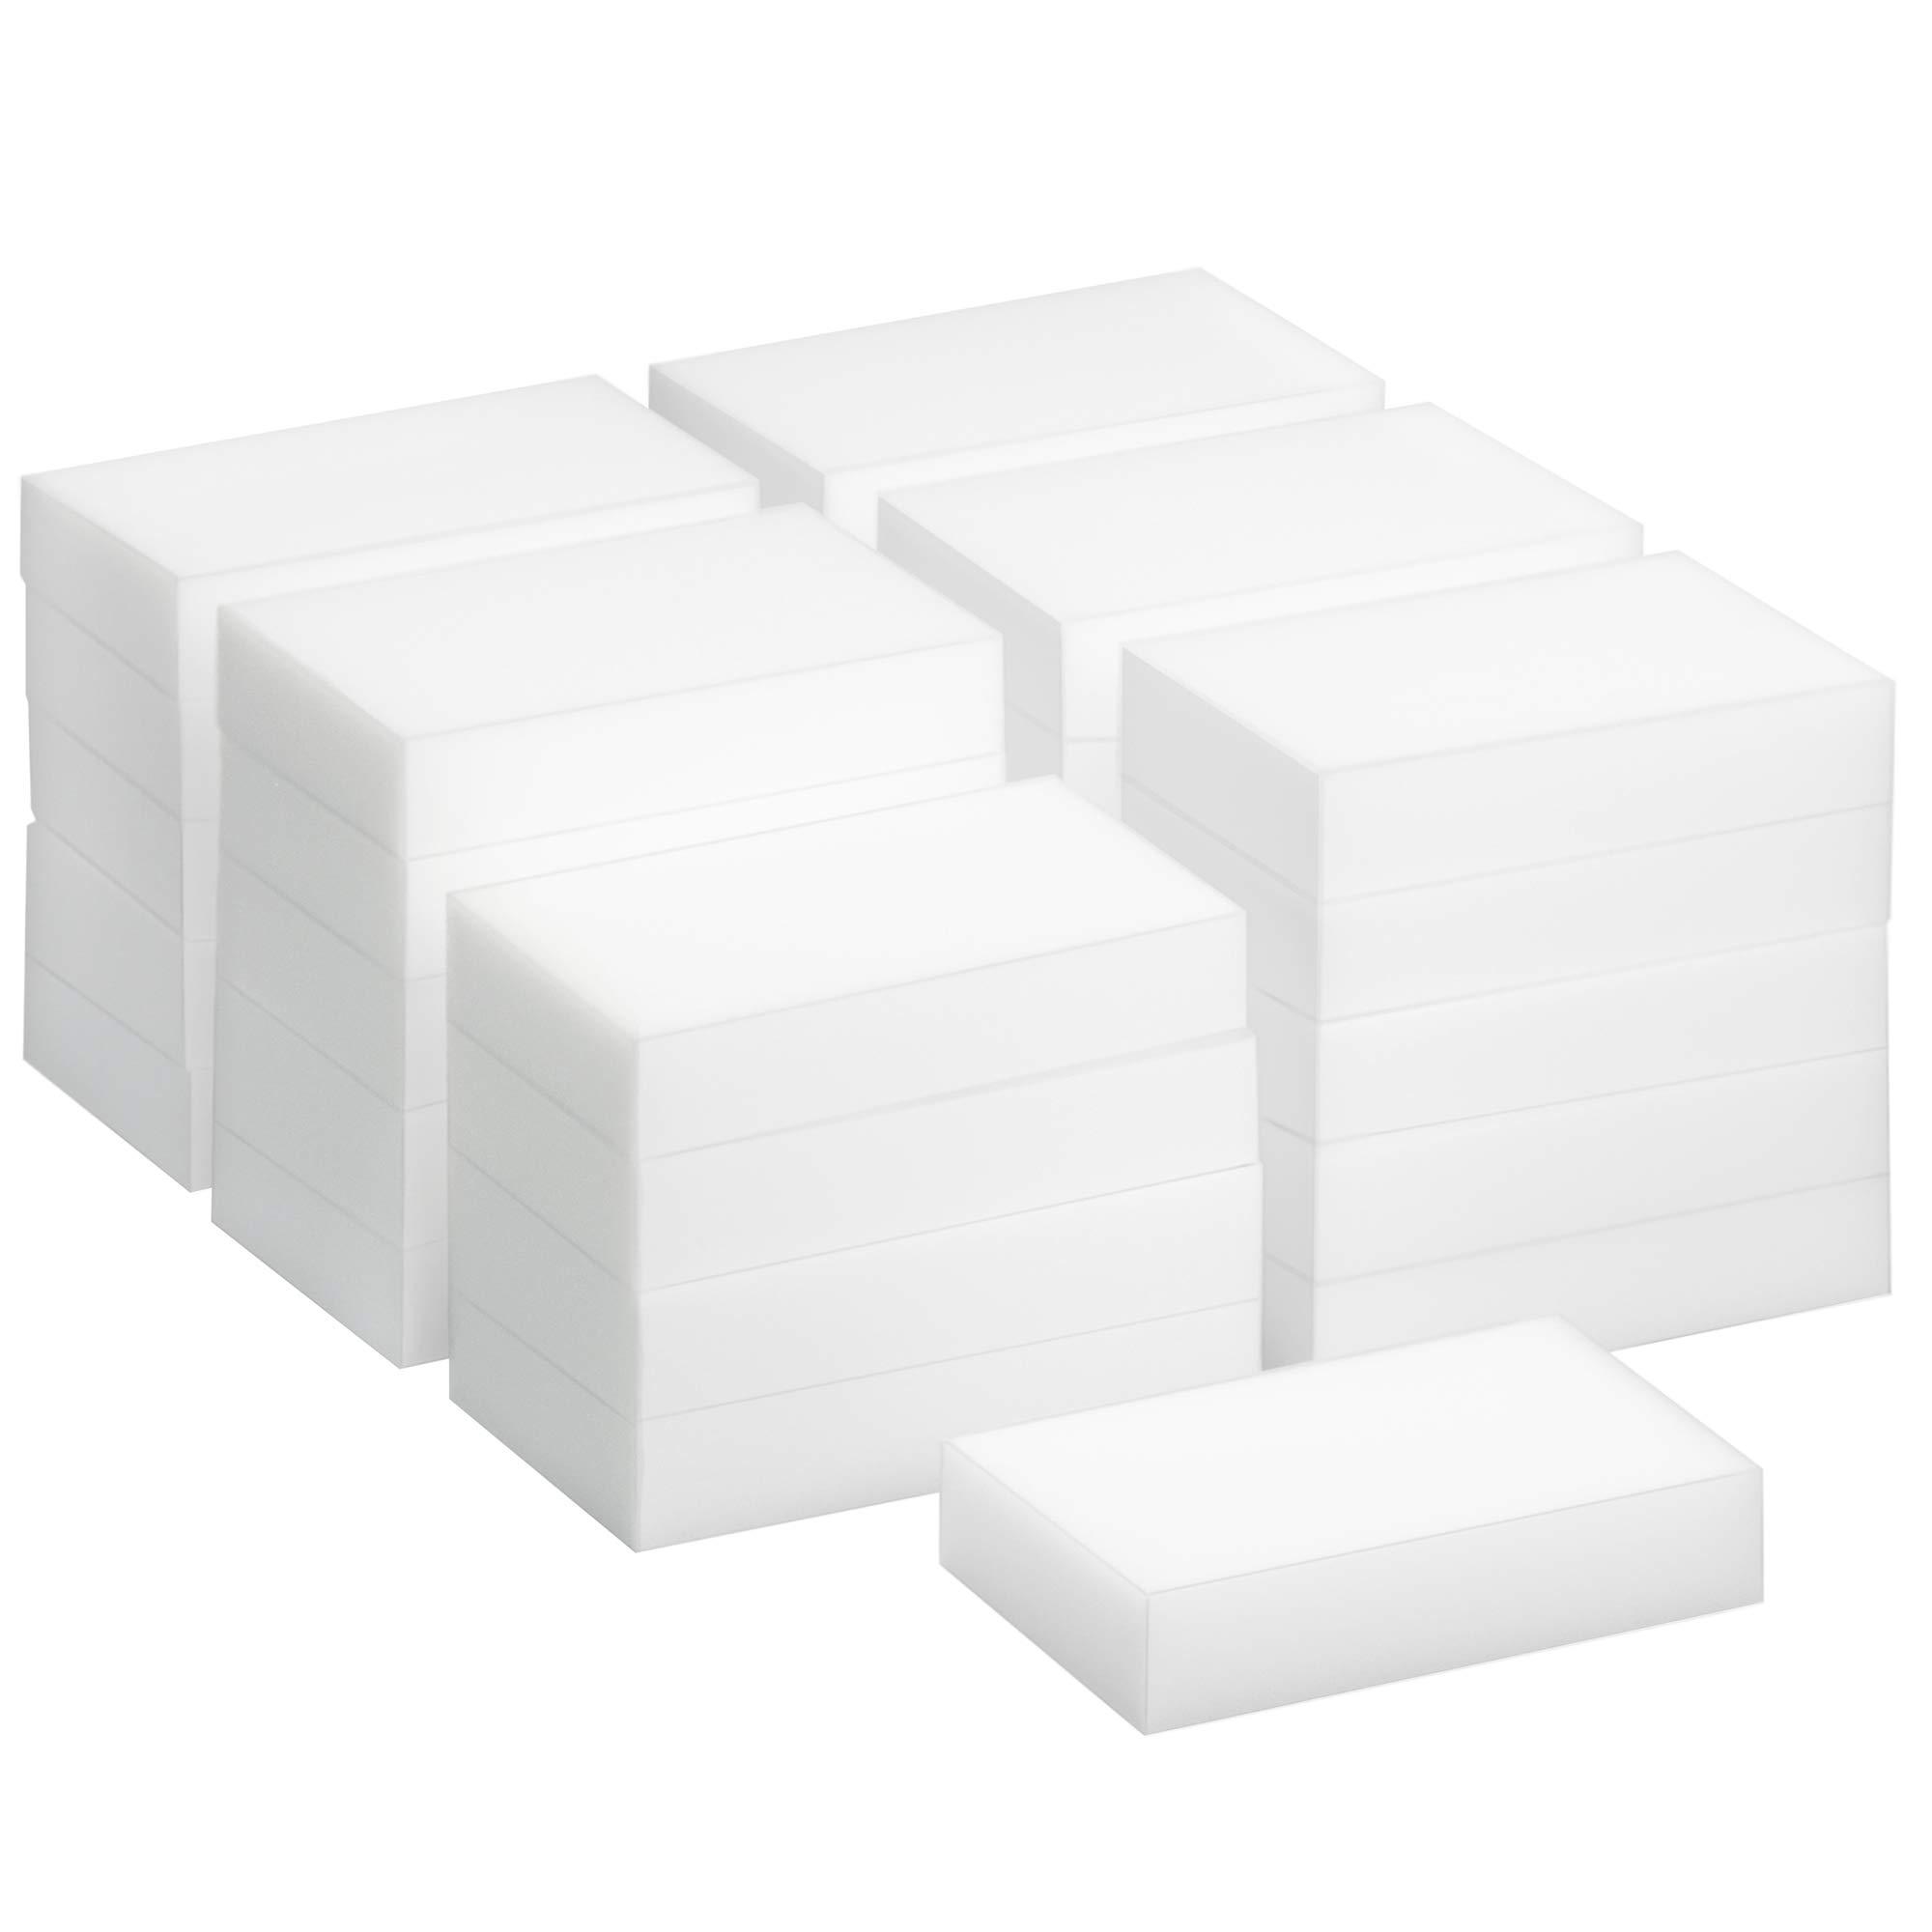 TRIXES 30 Pack de Esponjas Mágicas de Limpieza - Borrador Mágico Almohadilla Quita Manchas - Natural